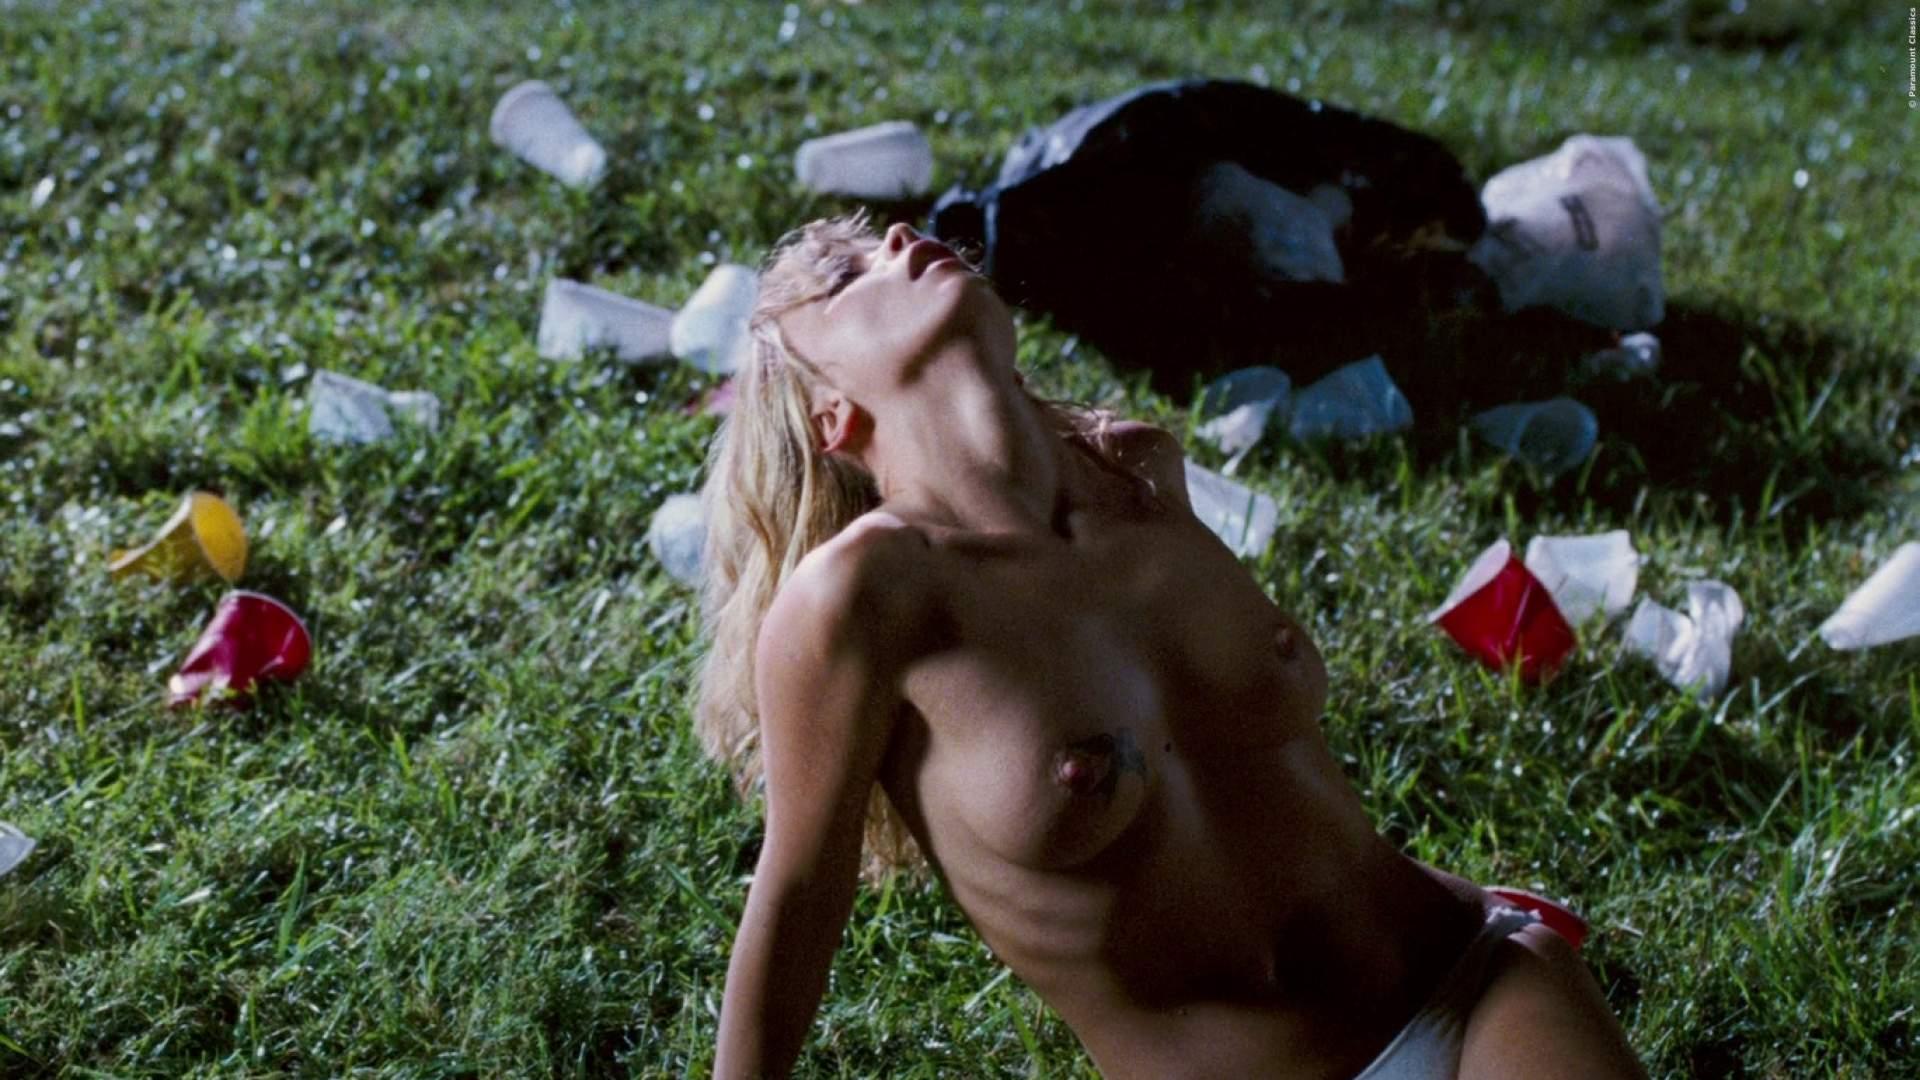 Top 30 Nacktszenen weiblicher Hollywoodstars - Bild 5 von 31